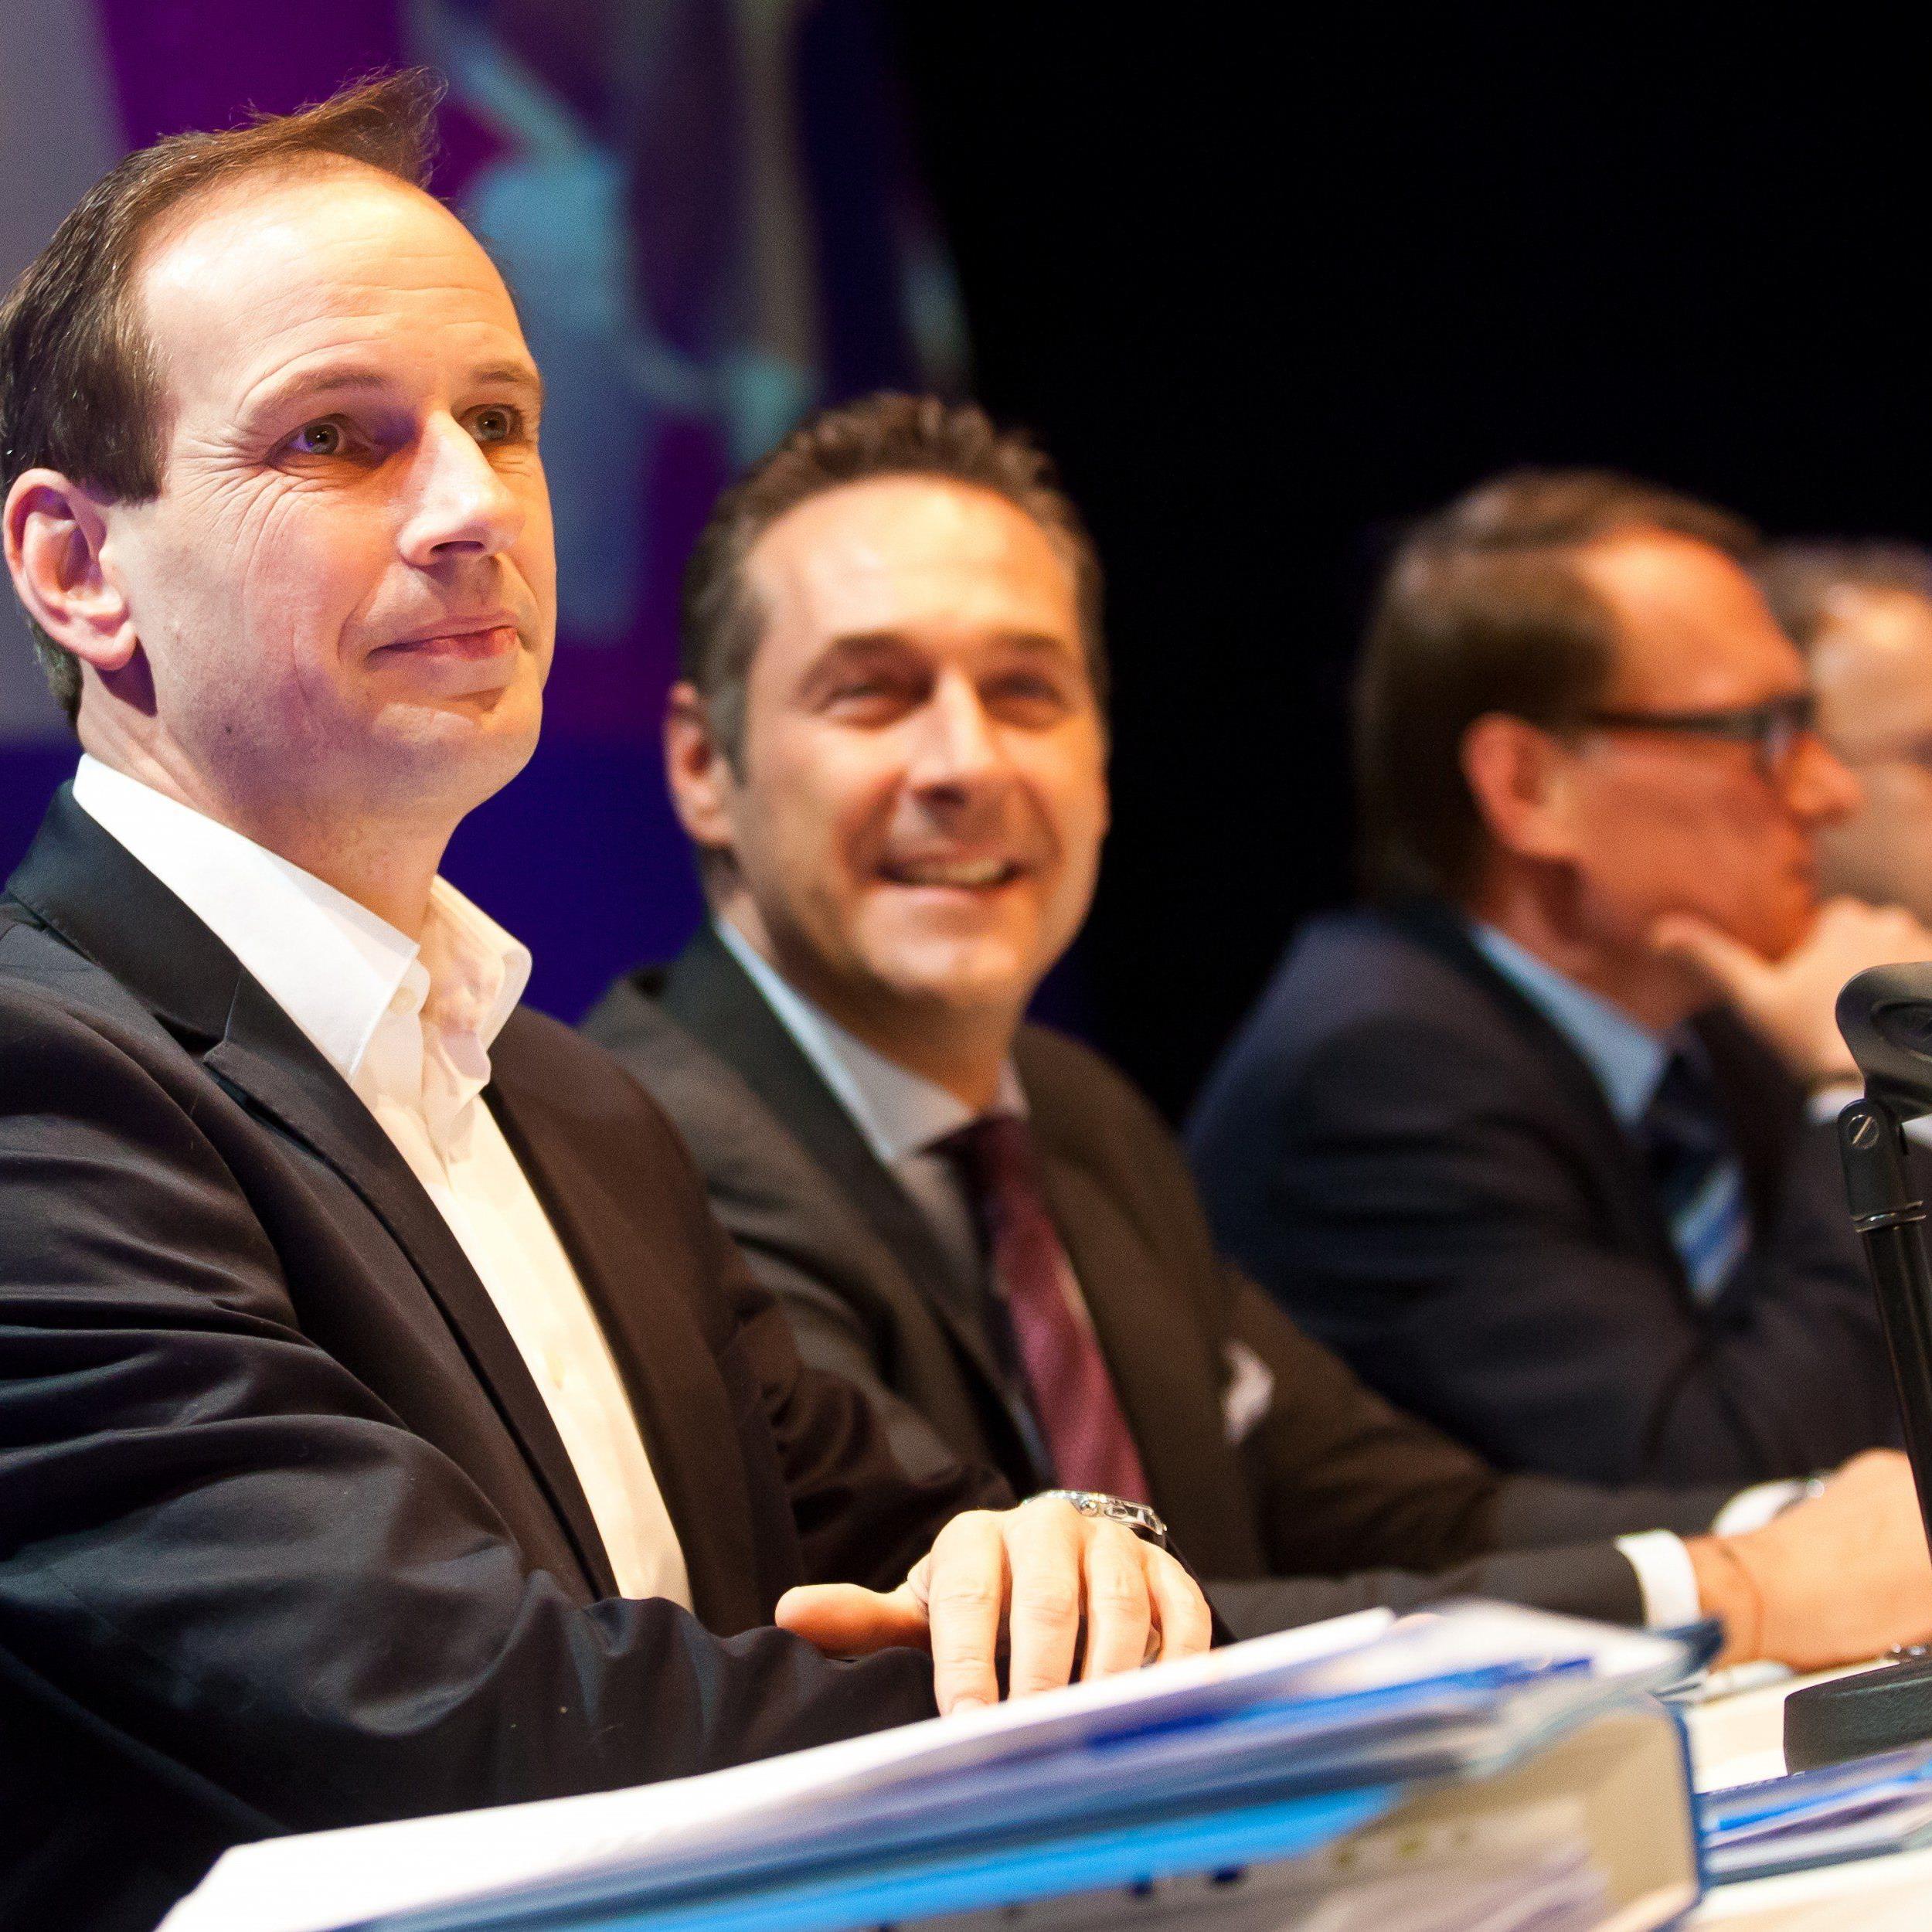 Vier von fünf Landtagswahlen der zweiten Runde unter Strache brachten ein Minus.